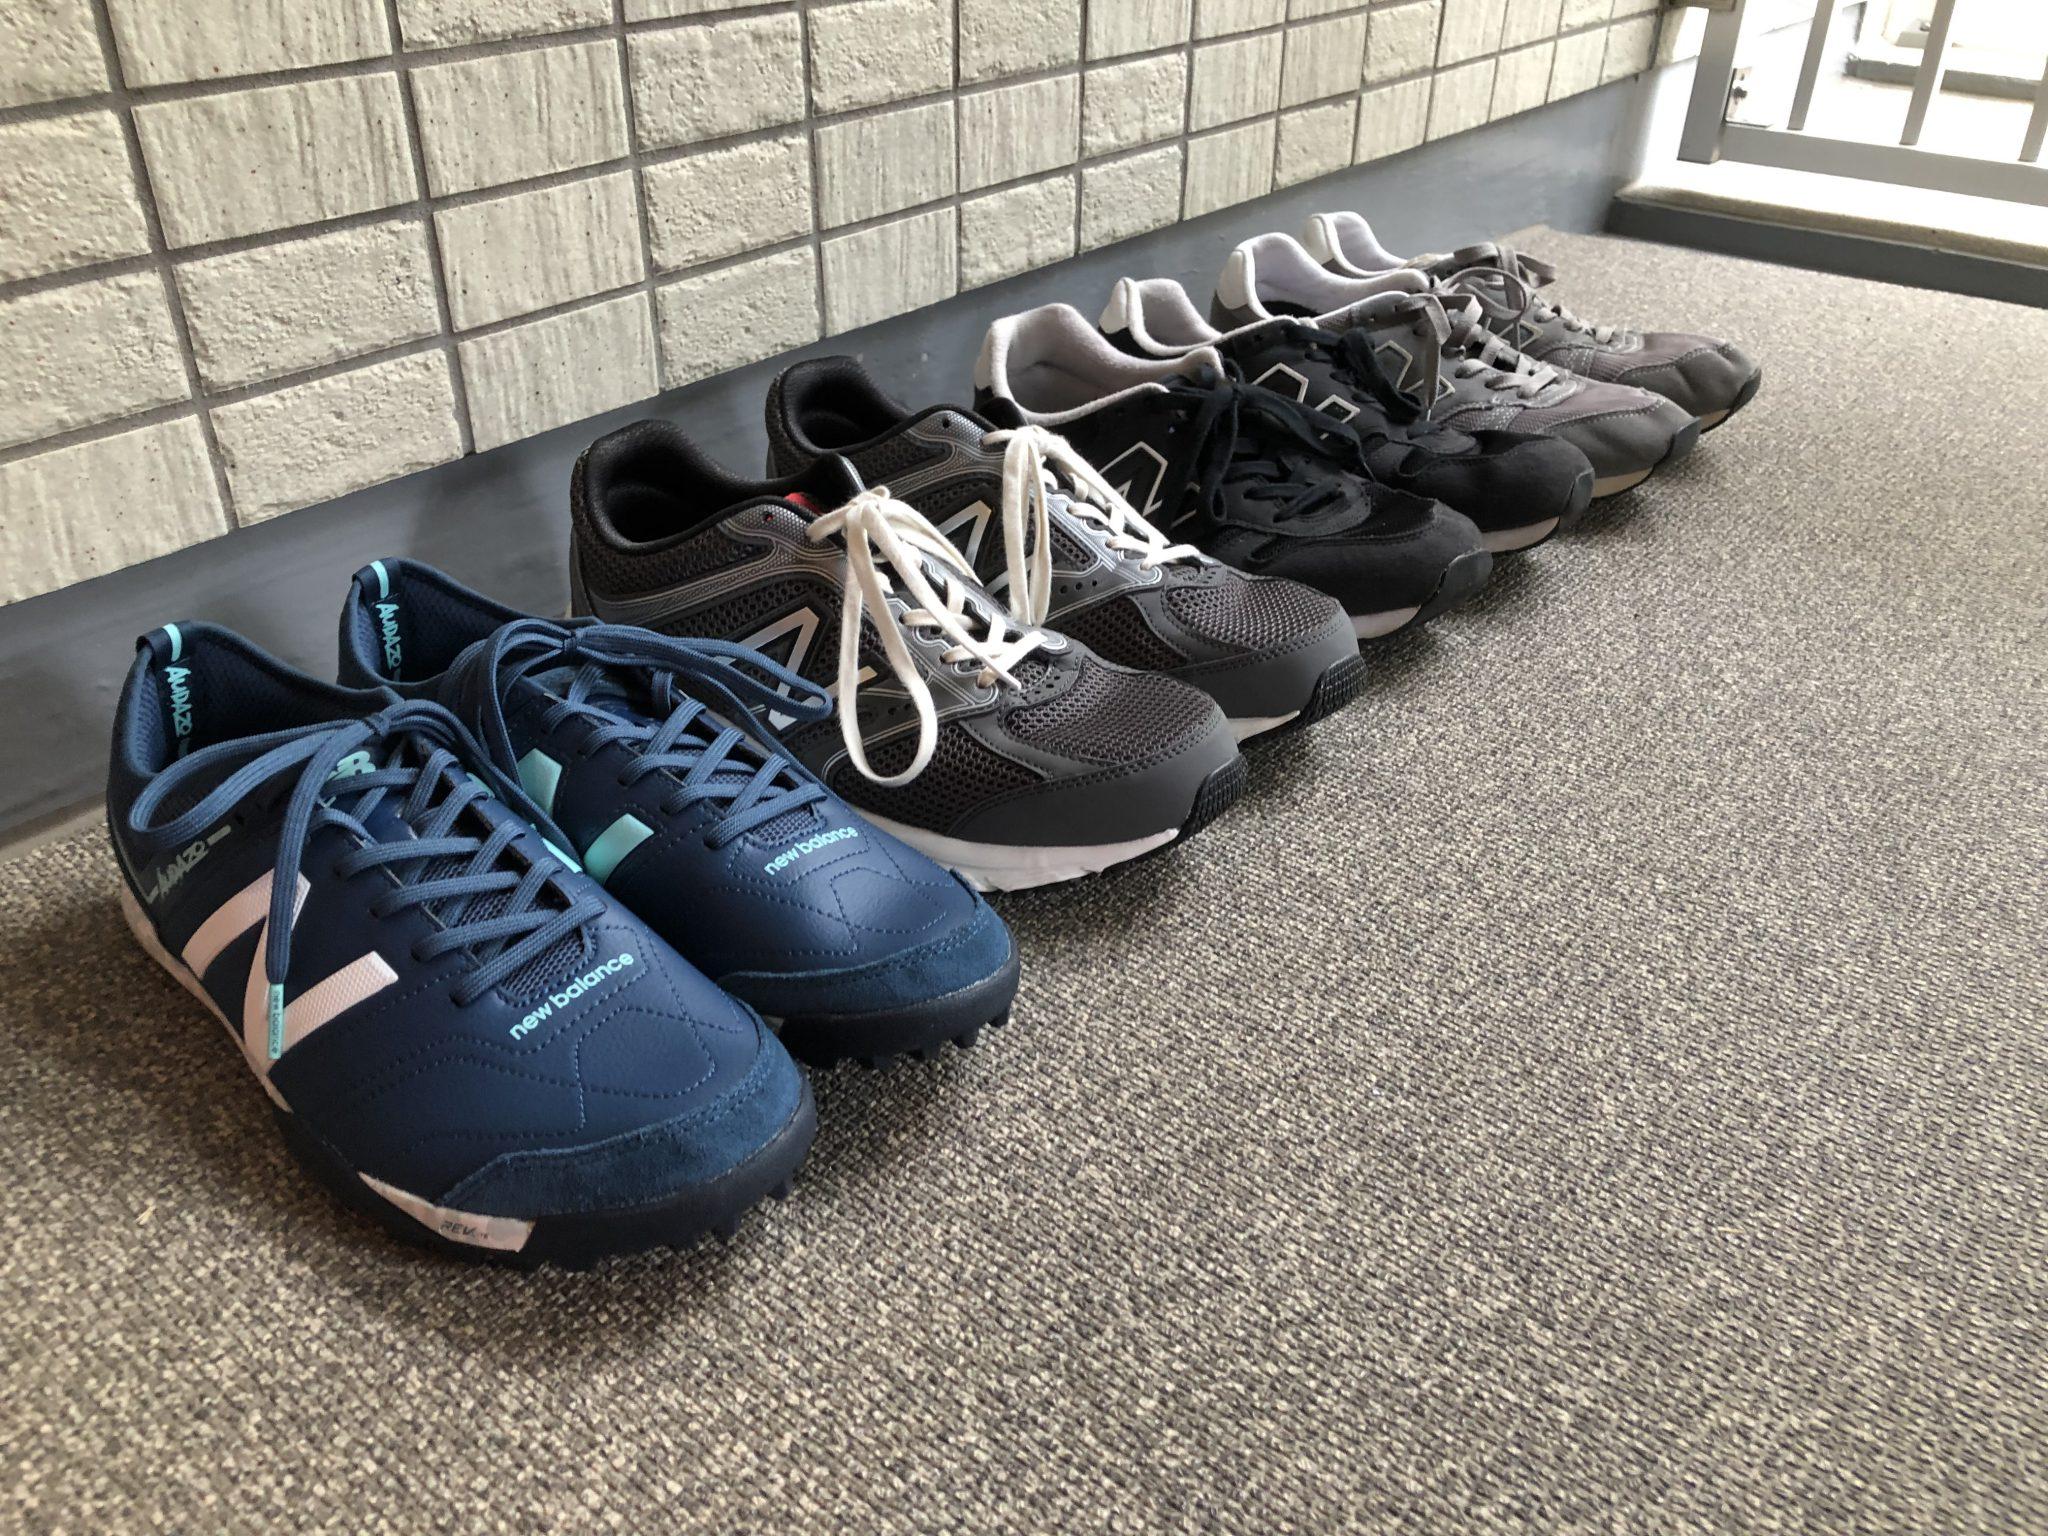 New Balance(ニューバランス)|ランニングシューズとサッカーのトレーニングシューズを新調しました